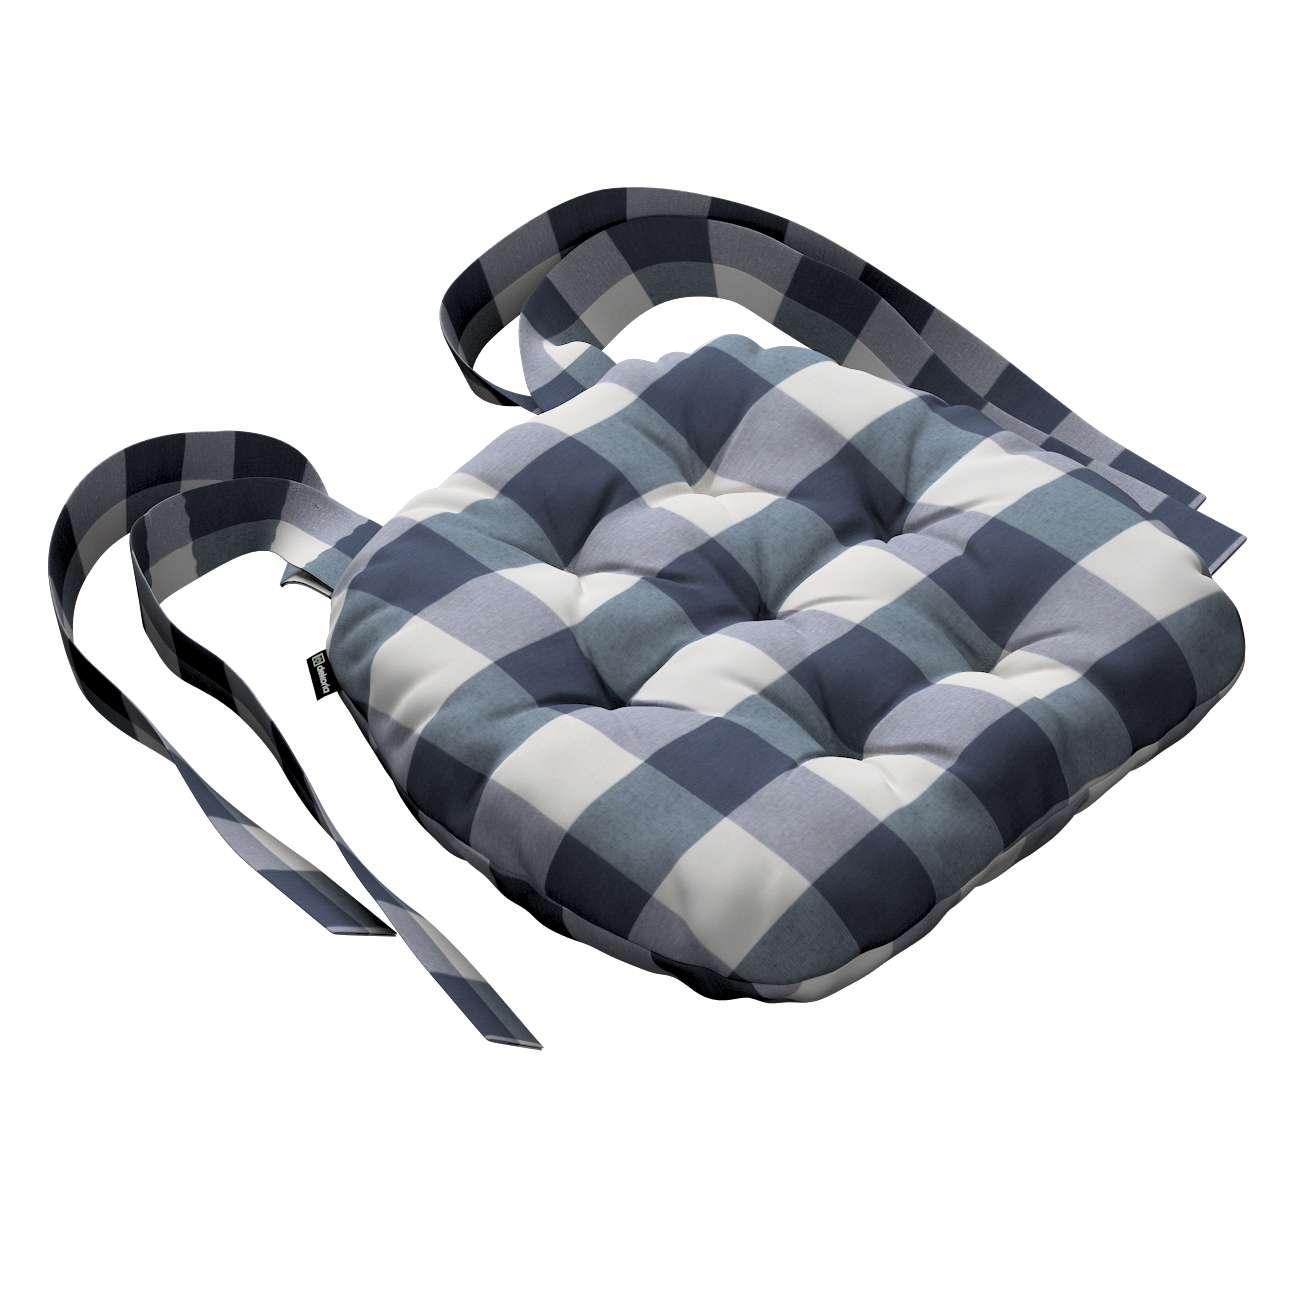 Siedzisko Marcin na krzesło 40x37x8cm w kolekcji Quadro, tkanina: 136-03